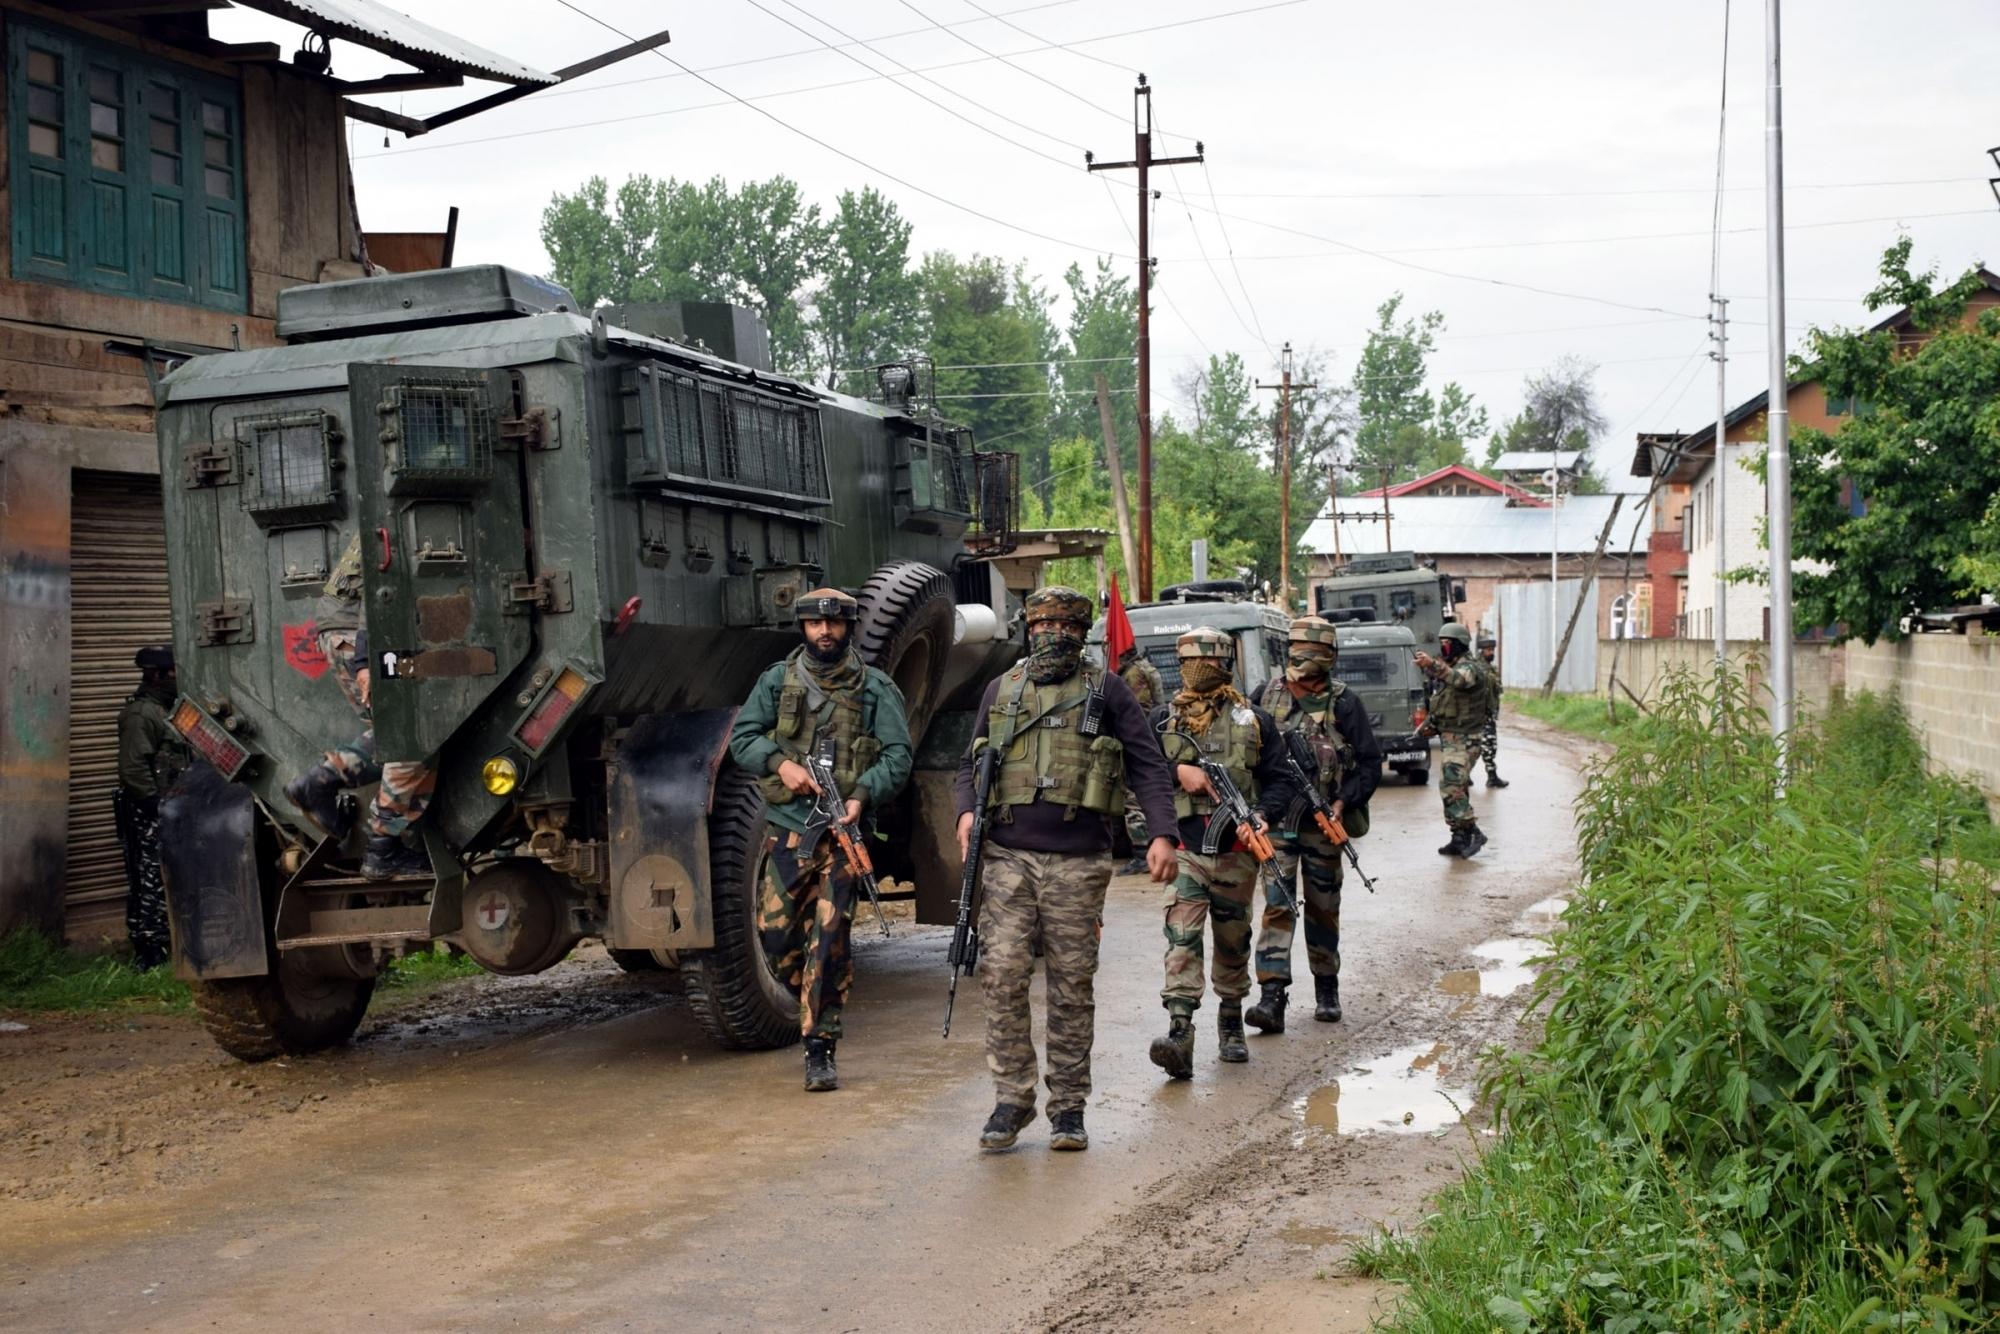 जम्मू कश्मीर: घाटी में 5 अगस्त से पहले बड़े आतंकी हमले की साजिश, पाकिस्तानी आतंकी कर सकते हैं कार बम का इस्तेमाल